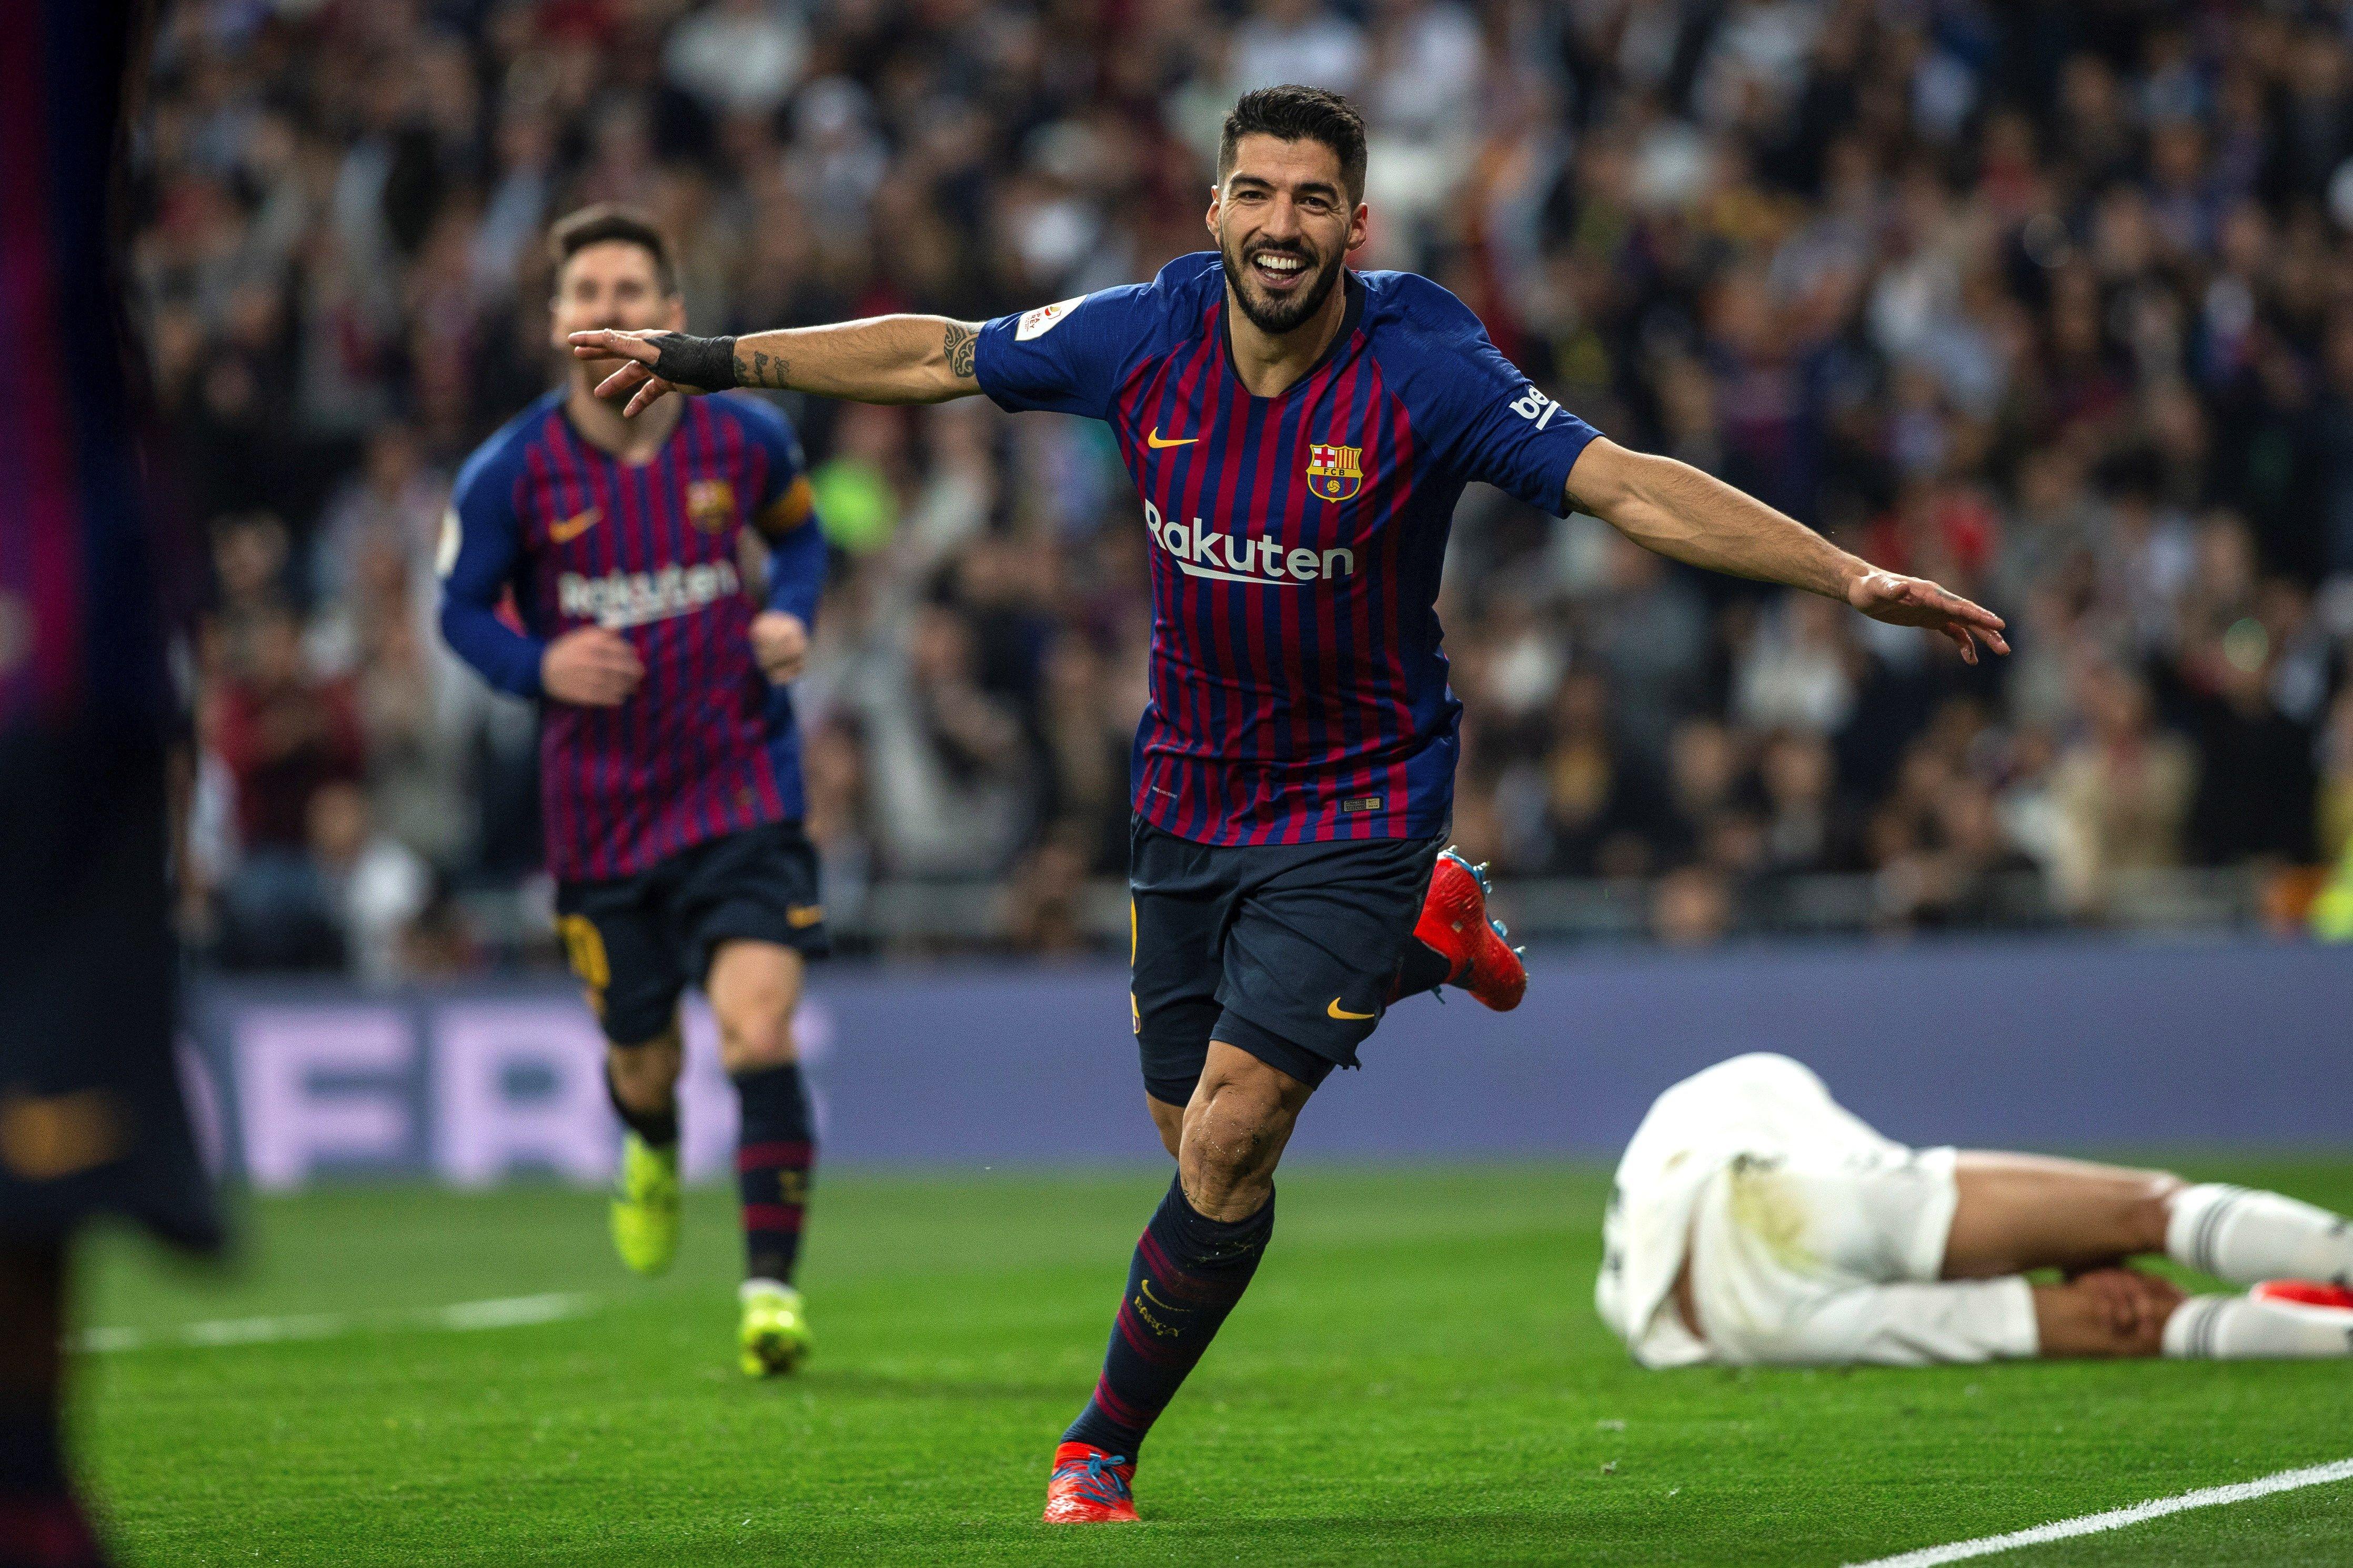 El delantero del FC Barcelona Luis Suárez (d) celebra tras marcar el segundo gol ante el Real Madrid. (Foto Prensa Libre: EFE)